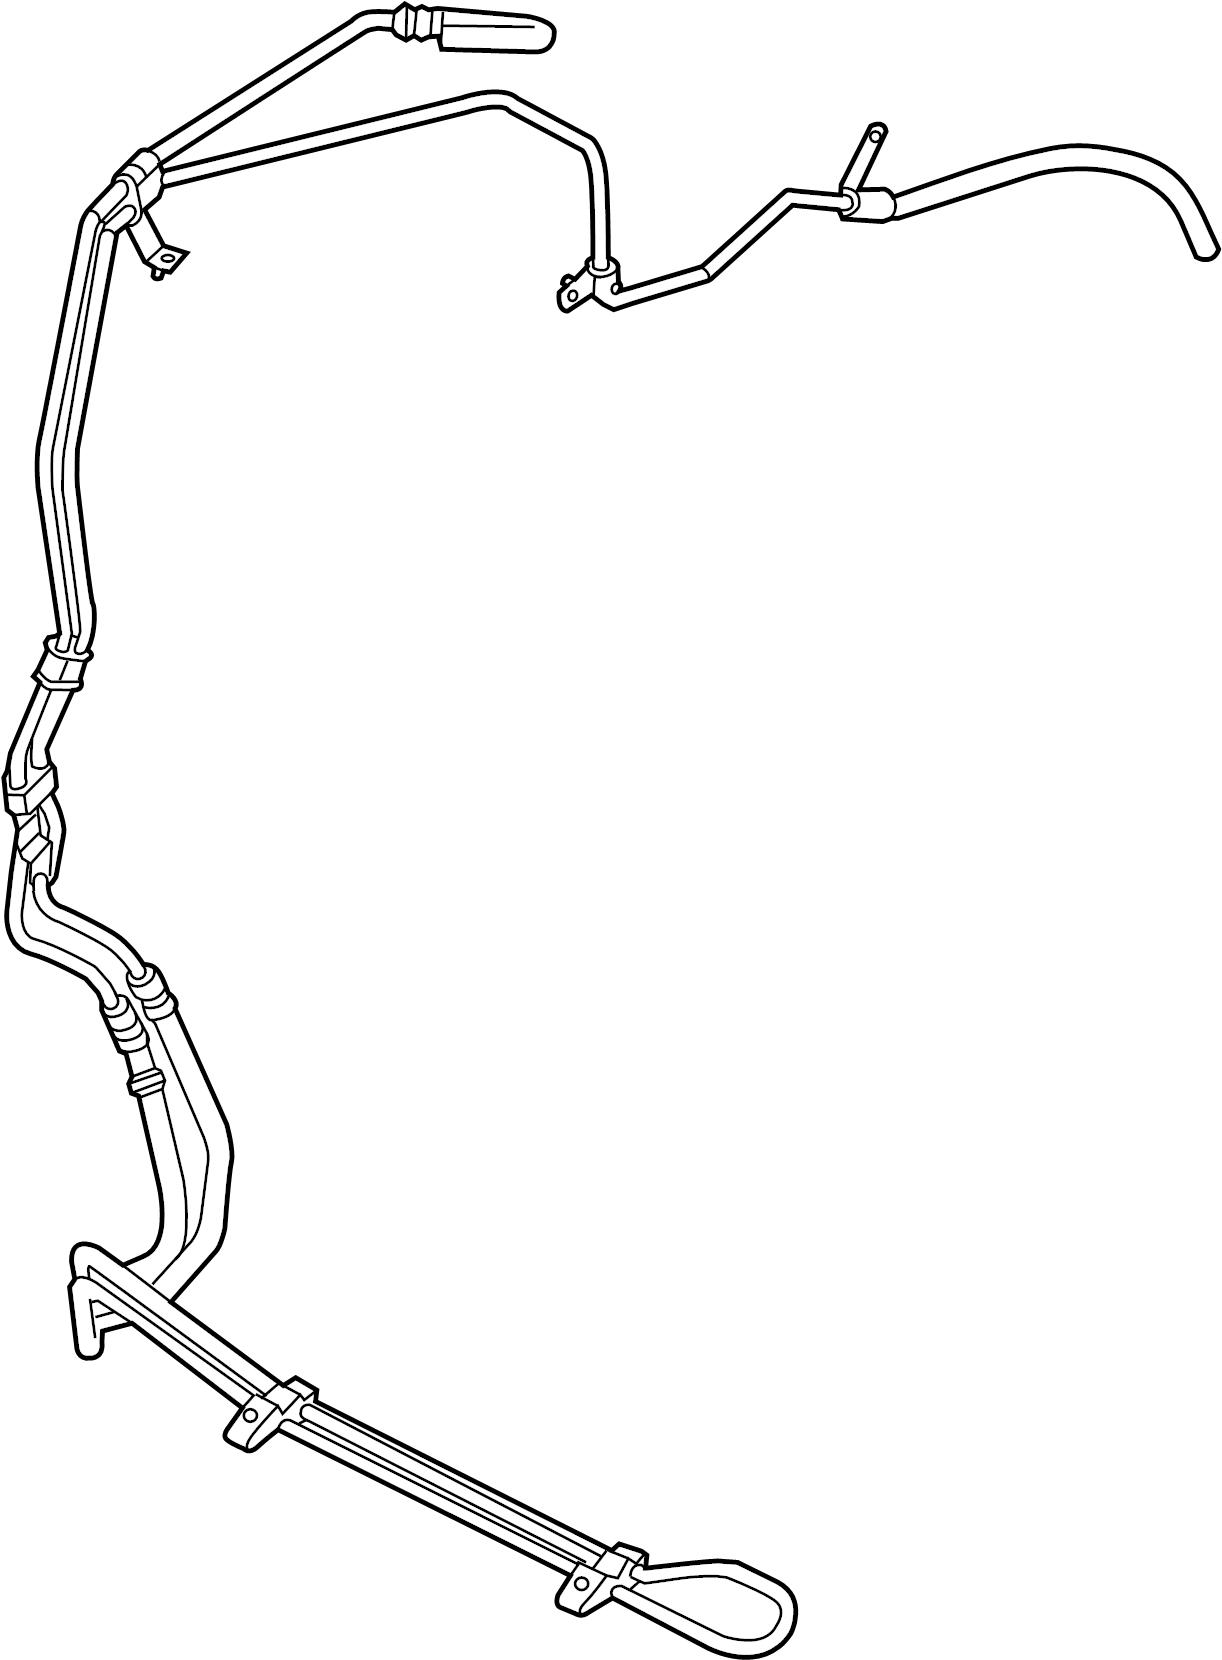 Dodge Avenger Power Steering Hose Diagram